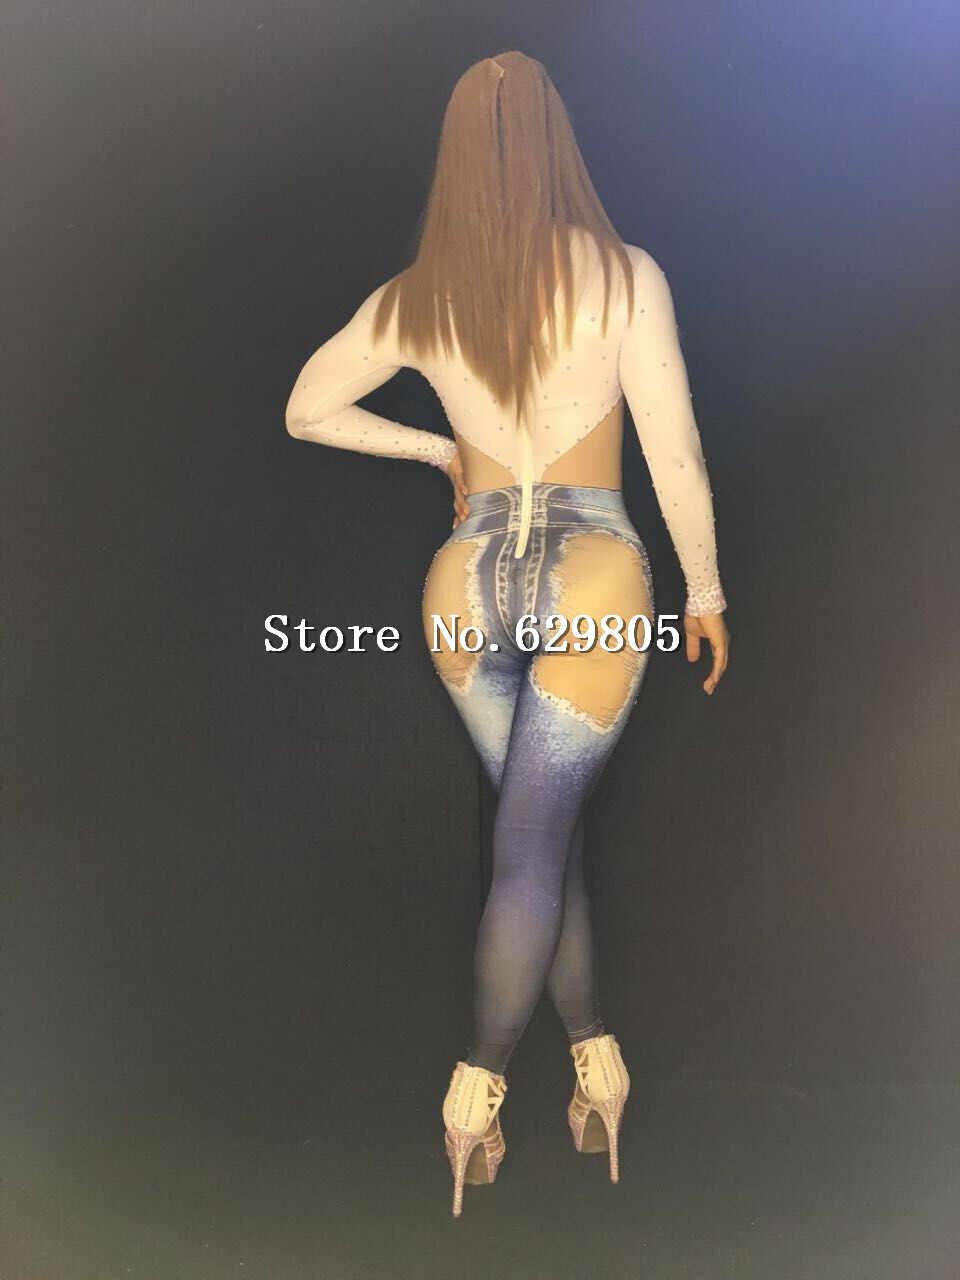 Блестящий Комбинезон со стразами Белый Топ джинсовый костюм женский сексуальный боди джинсы с большими дырами женский наряд для выпускного вечера